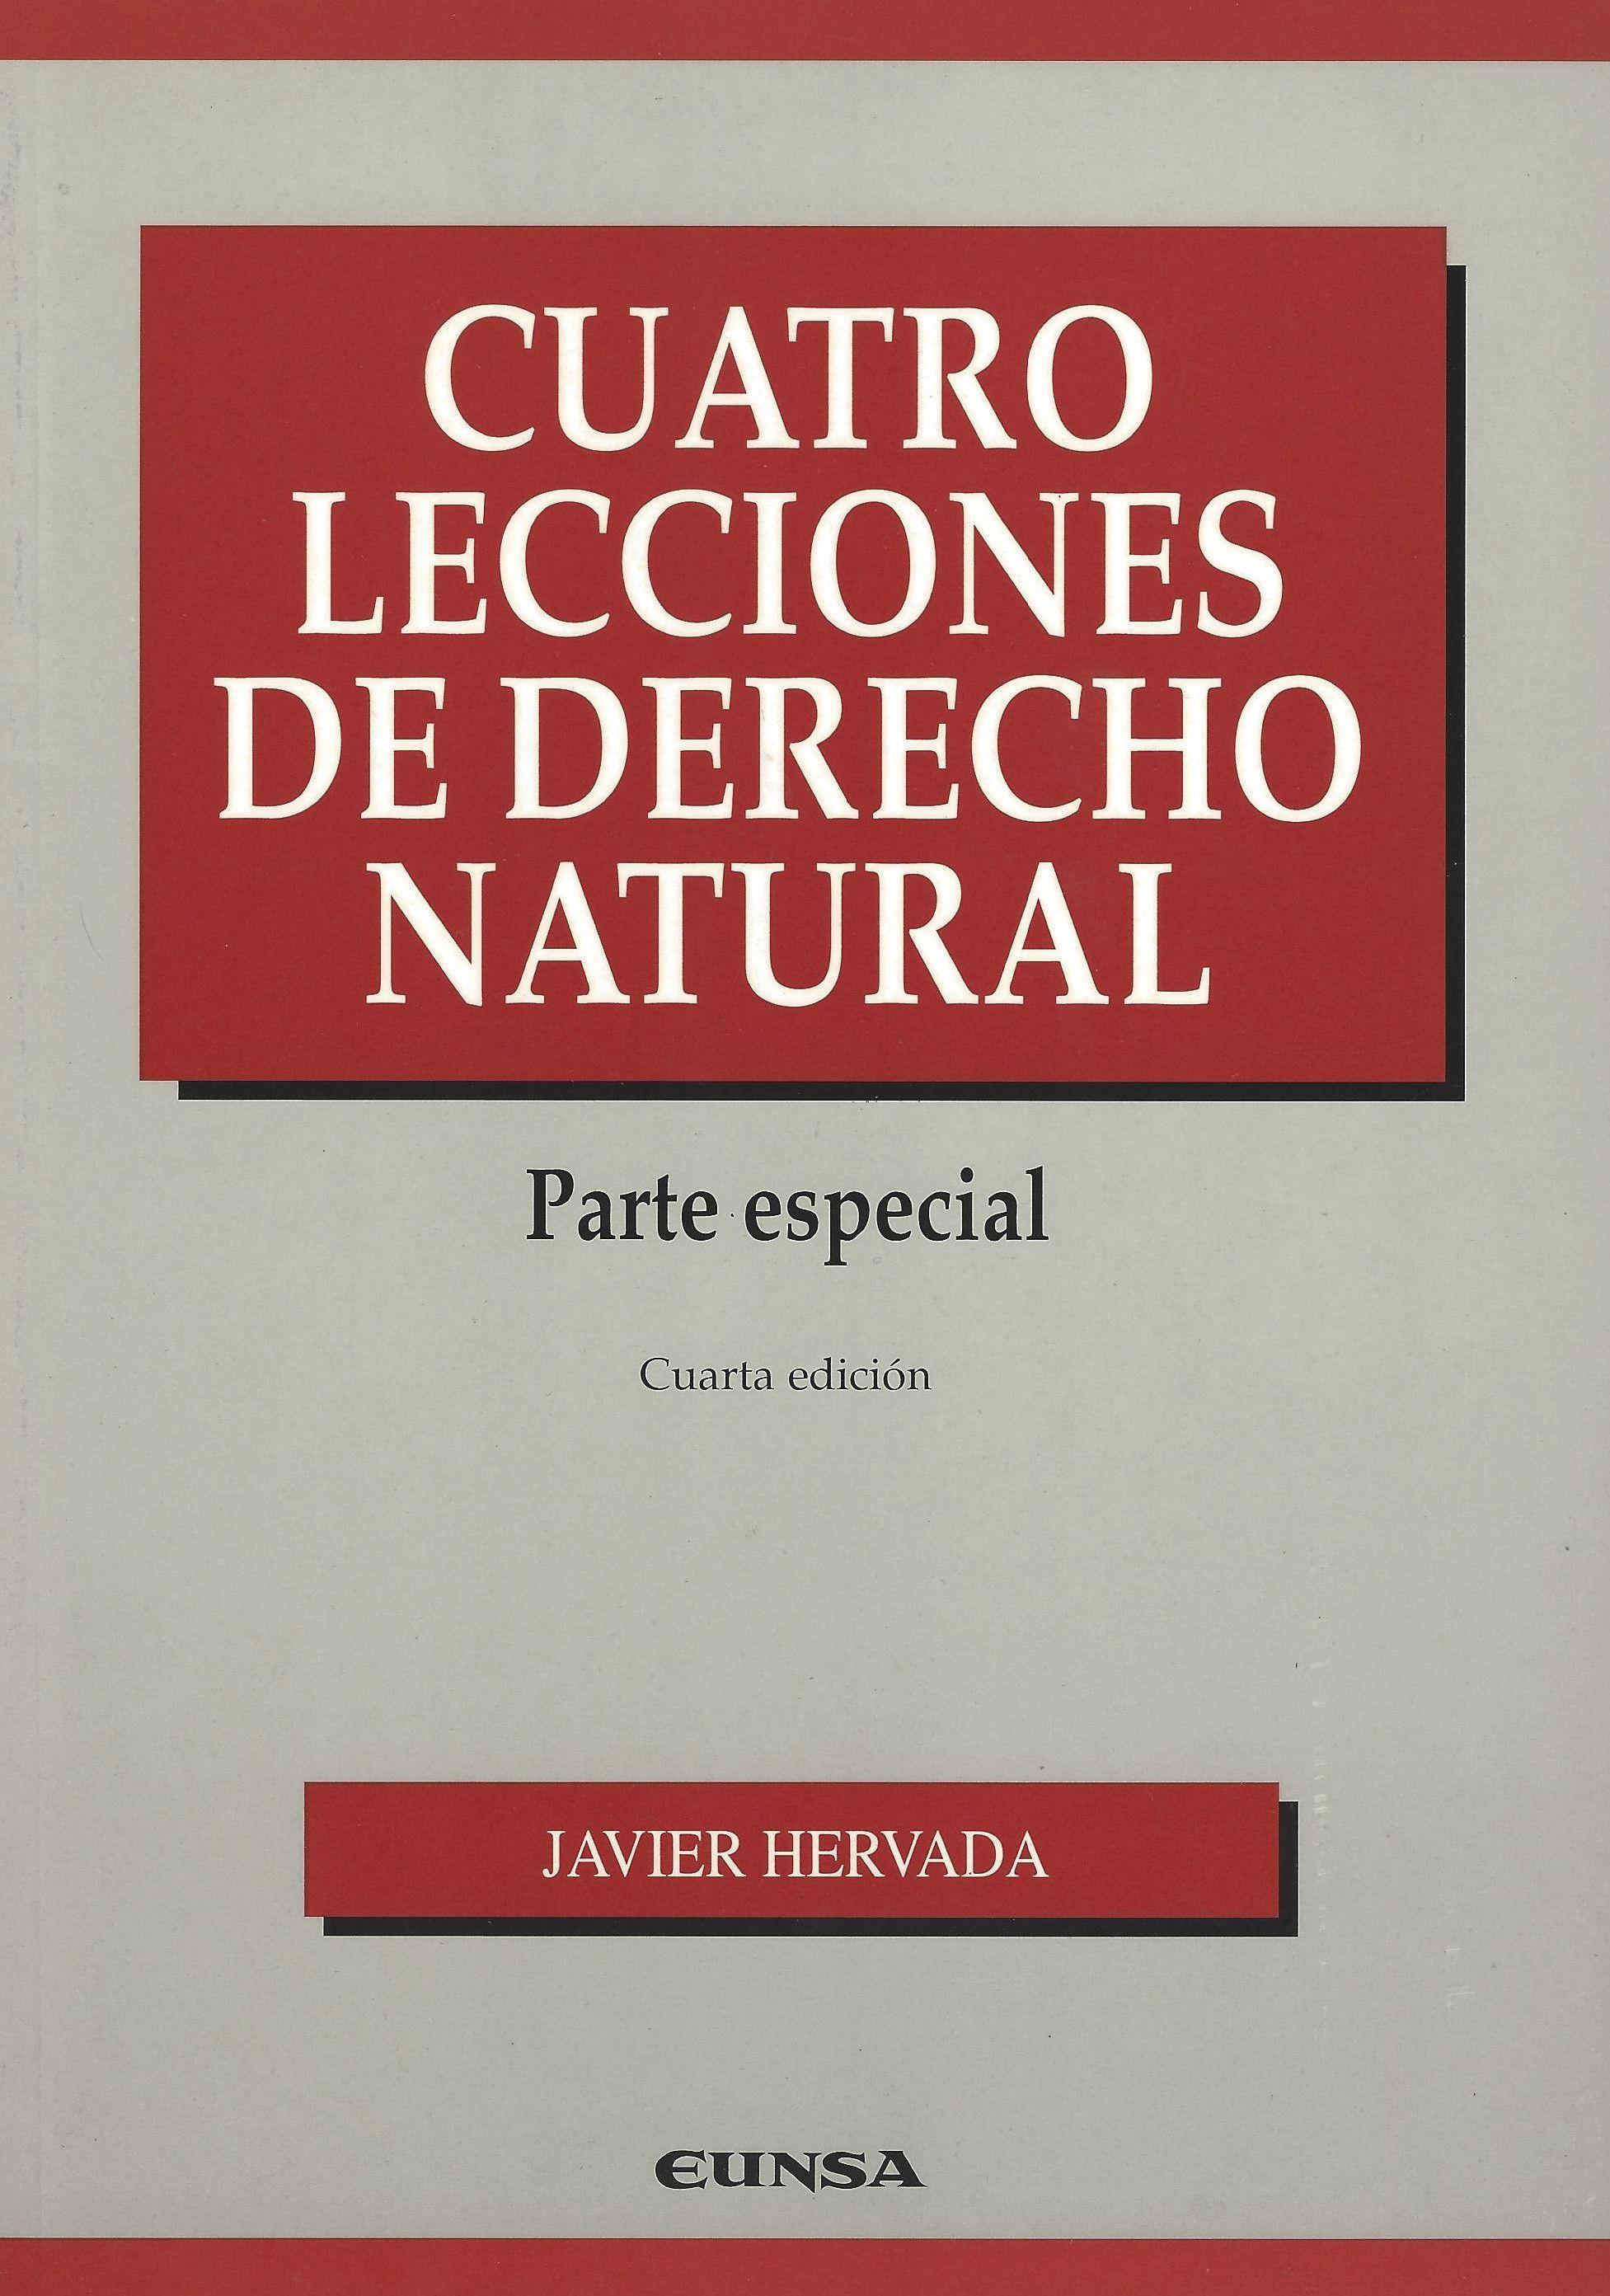 Cuatro Lecciones de Derecho Natural